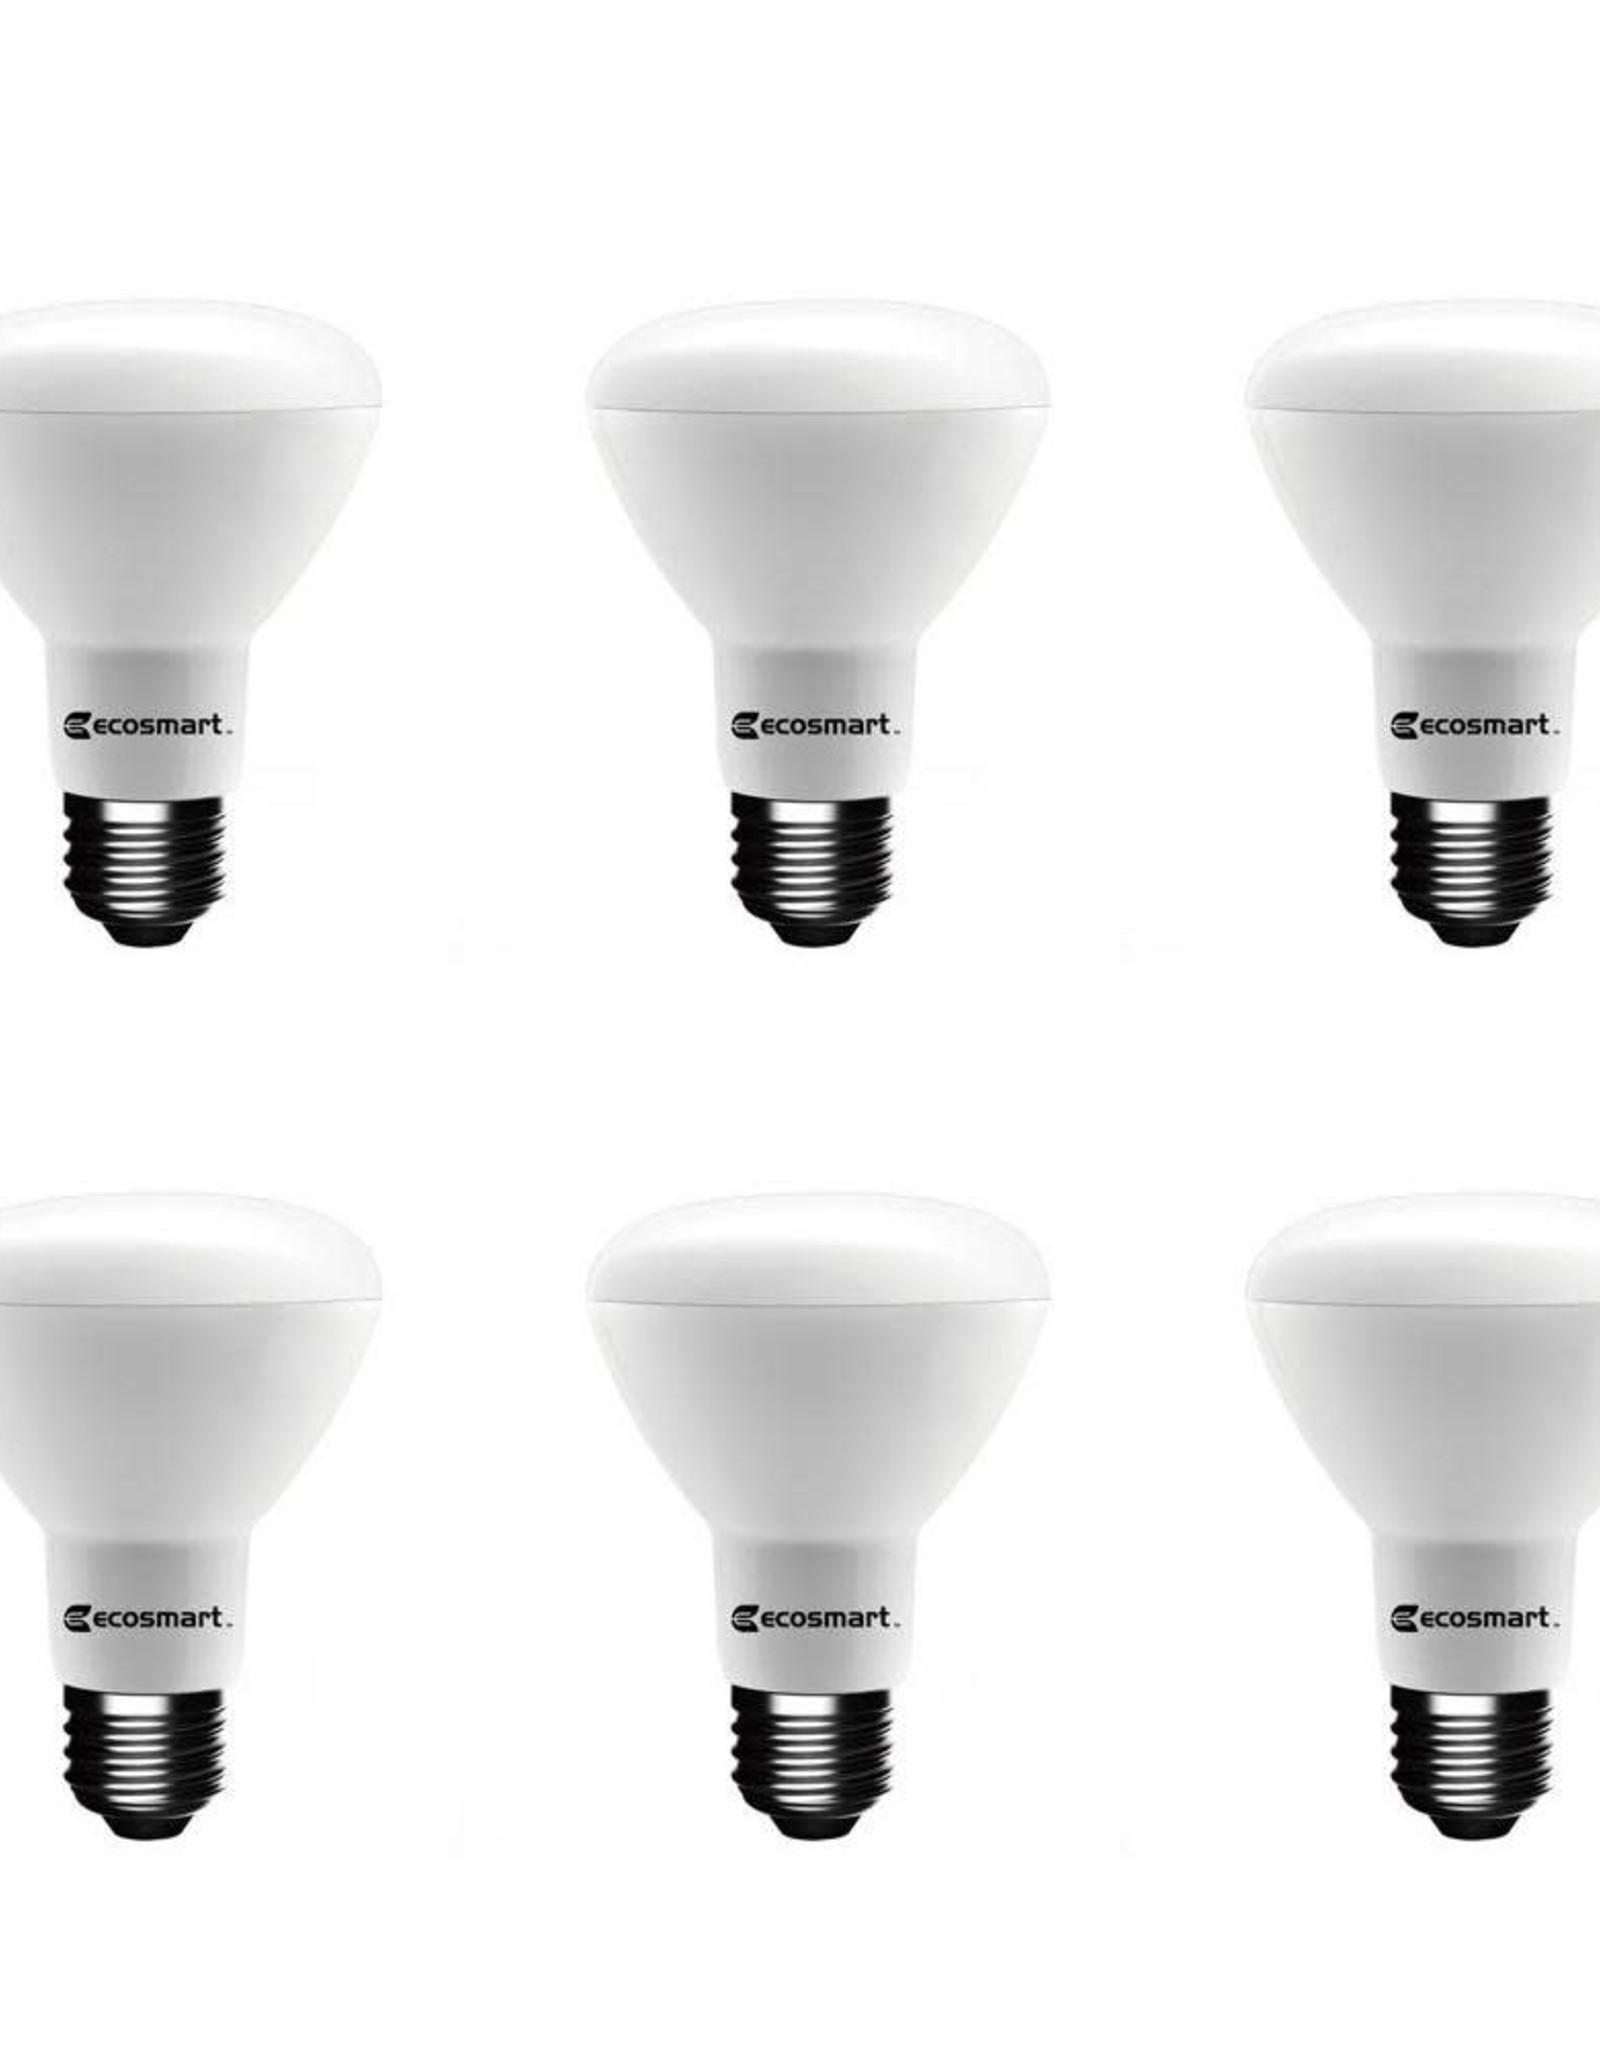 EcoSmart 75-Watt Equivalent BR20 Dimmable ENERGY STAR LED Light Bulb Daylight (6-Pack)